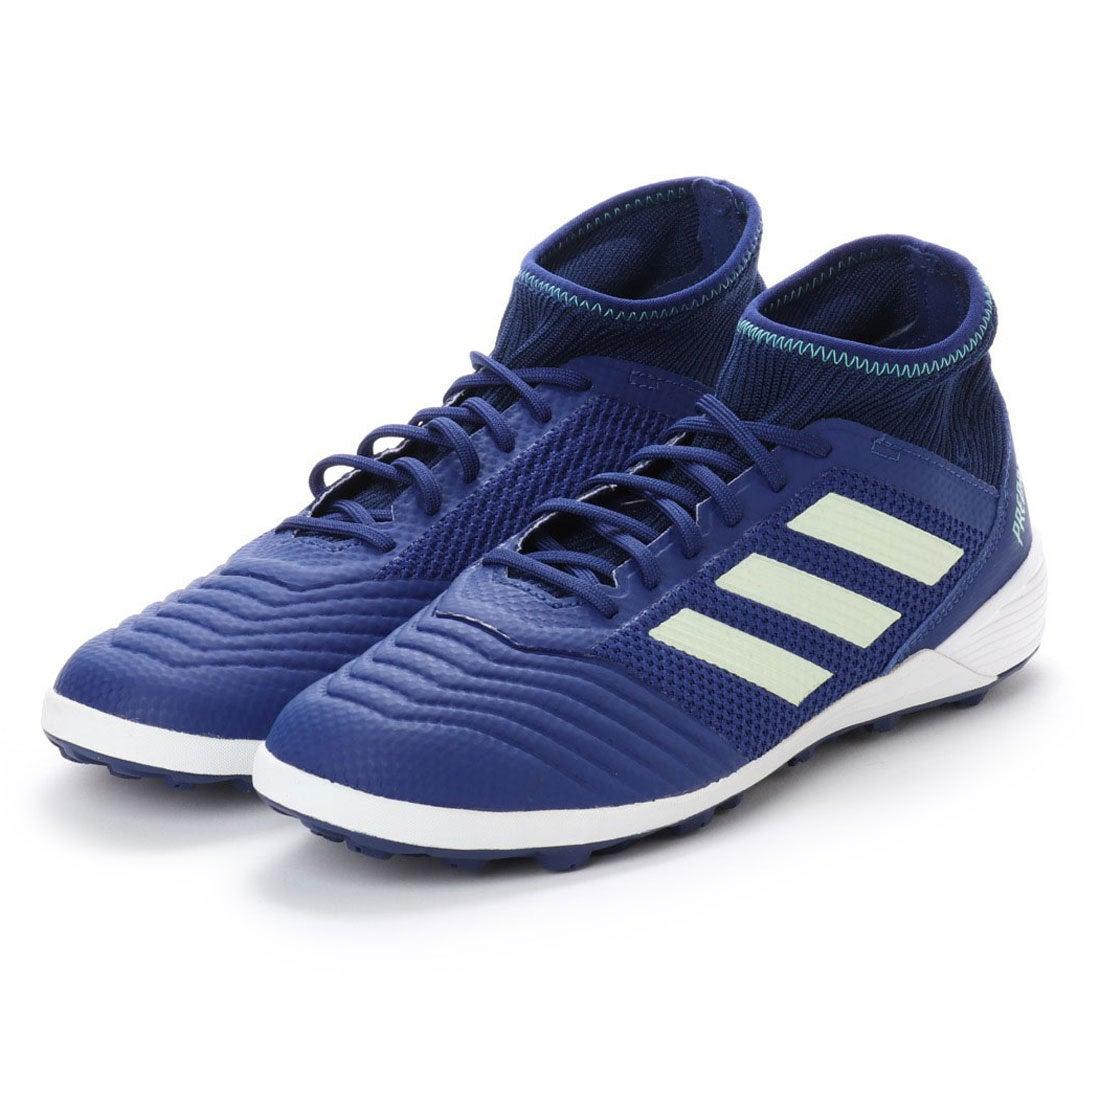 【SALE 30%OFF】アディダス adidas サッカー トレーニングシューズ プレデター タンゴ 18.3 TF CP9280